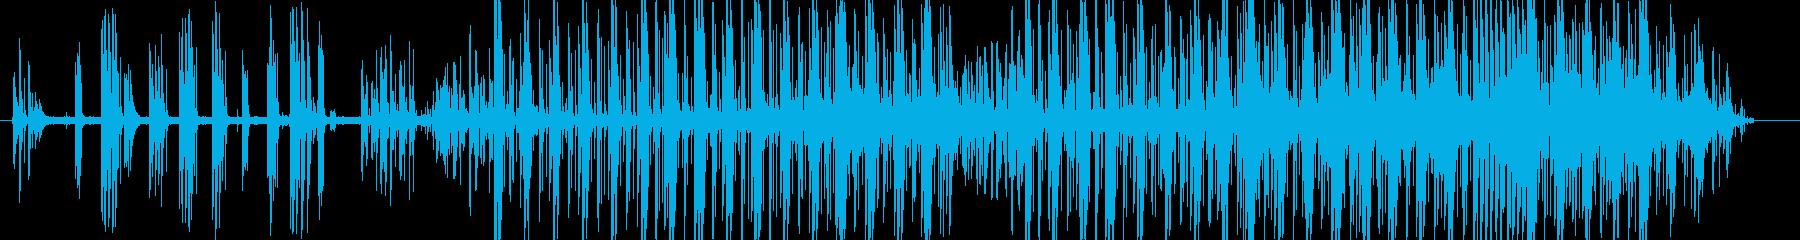 kaf の再生済みの波形